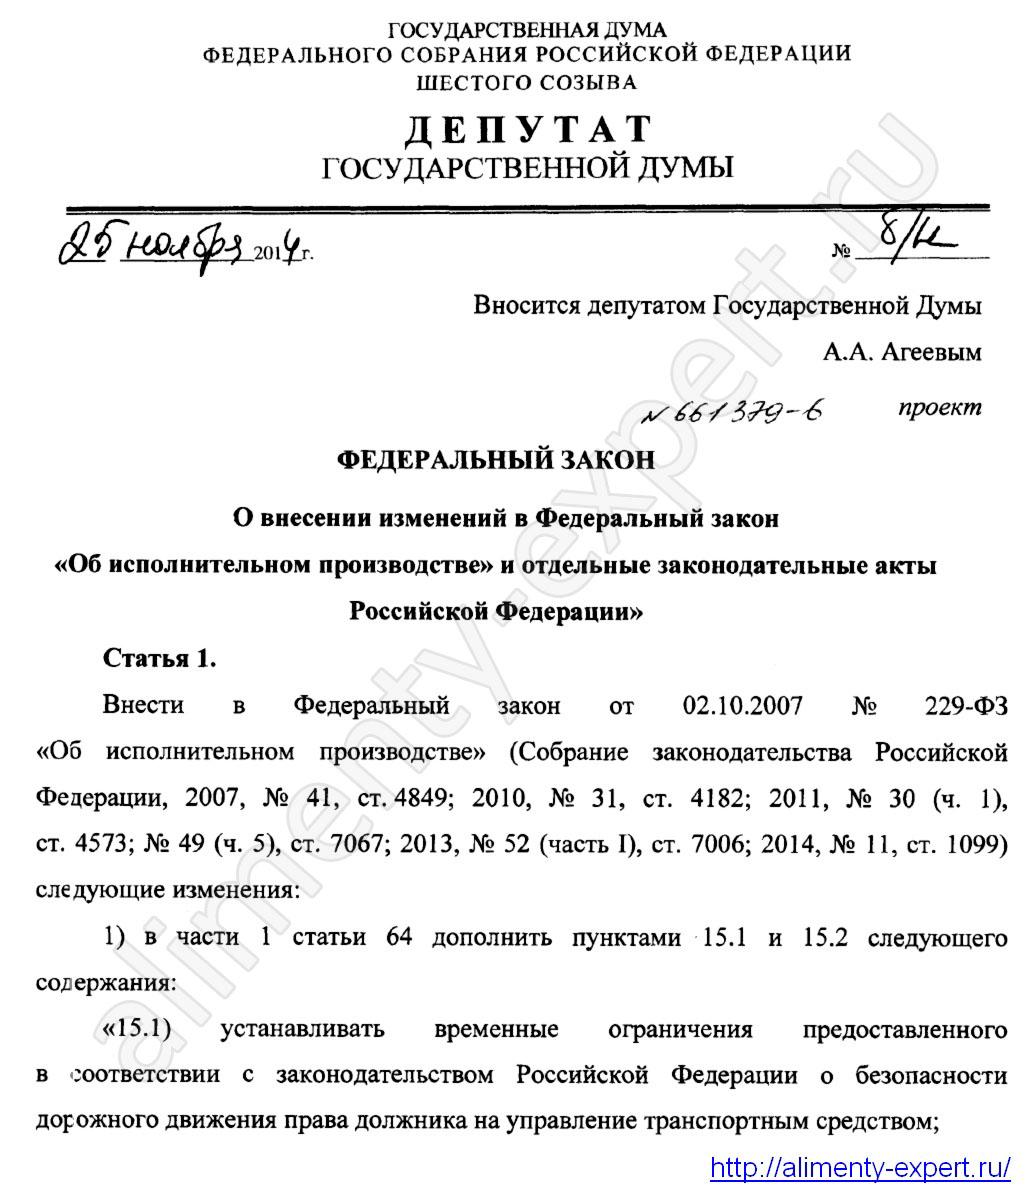 Сервисы уфмс россии